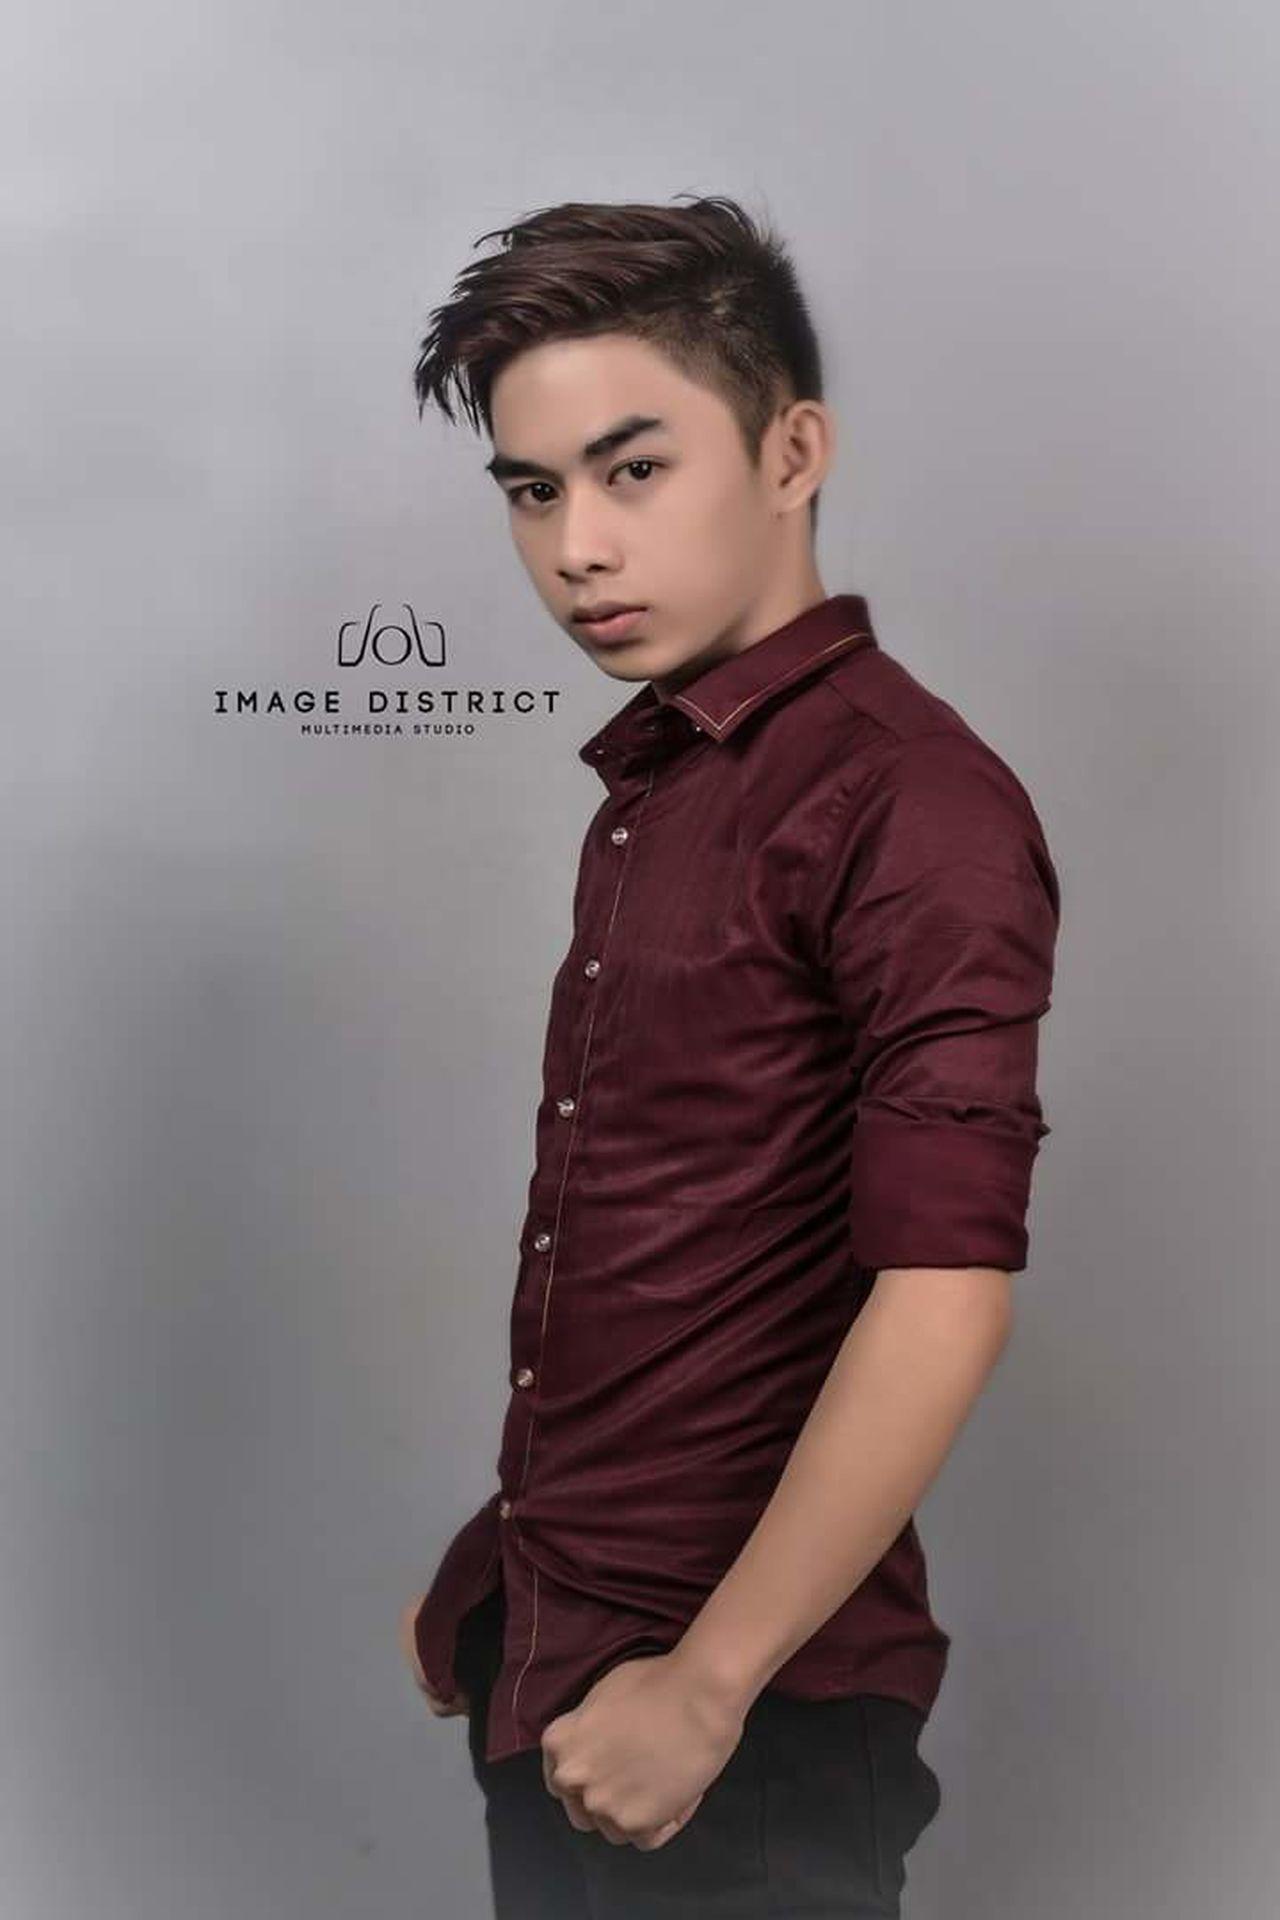 Asianboy Studio Shot Studiophotography